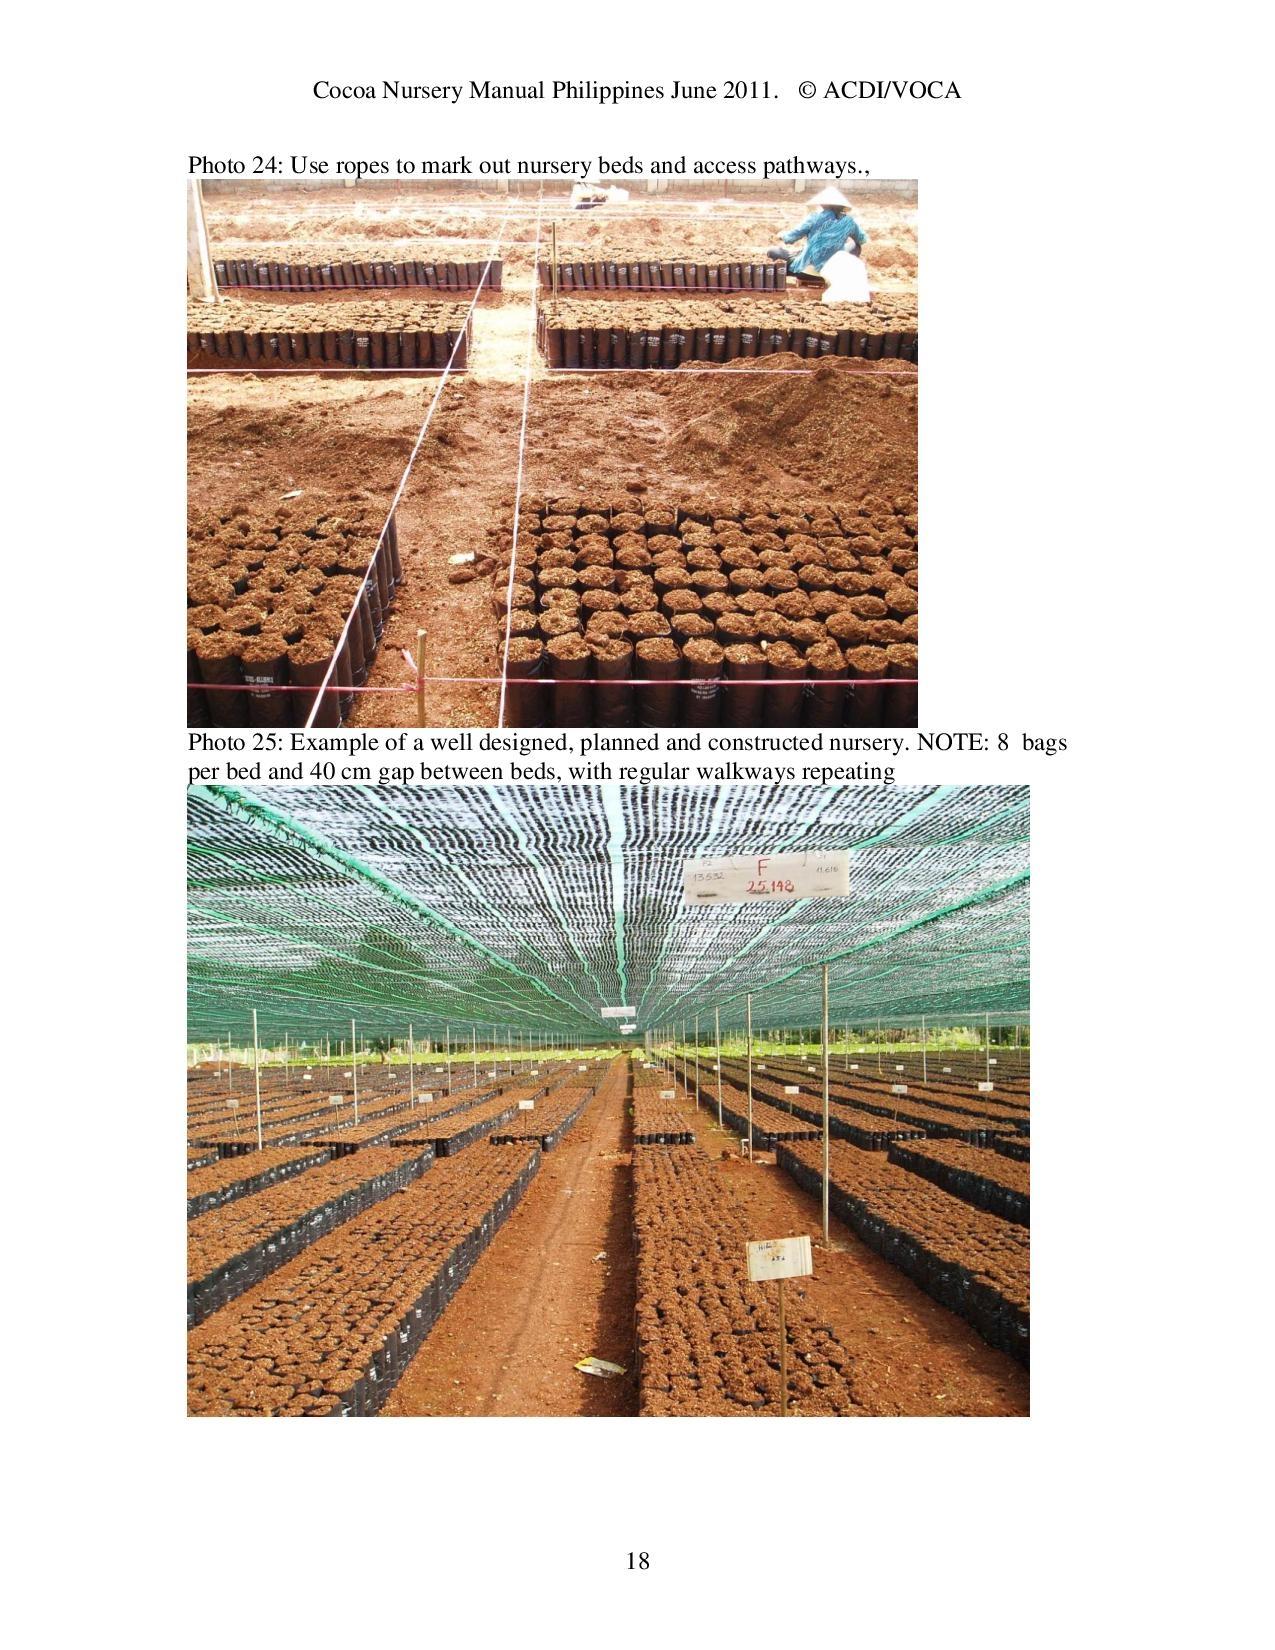 Cocoa-Nursery-Manual-2011_acdi-voca-page-018